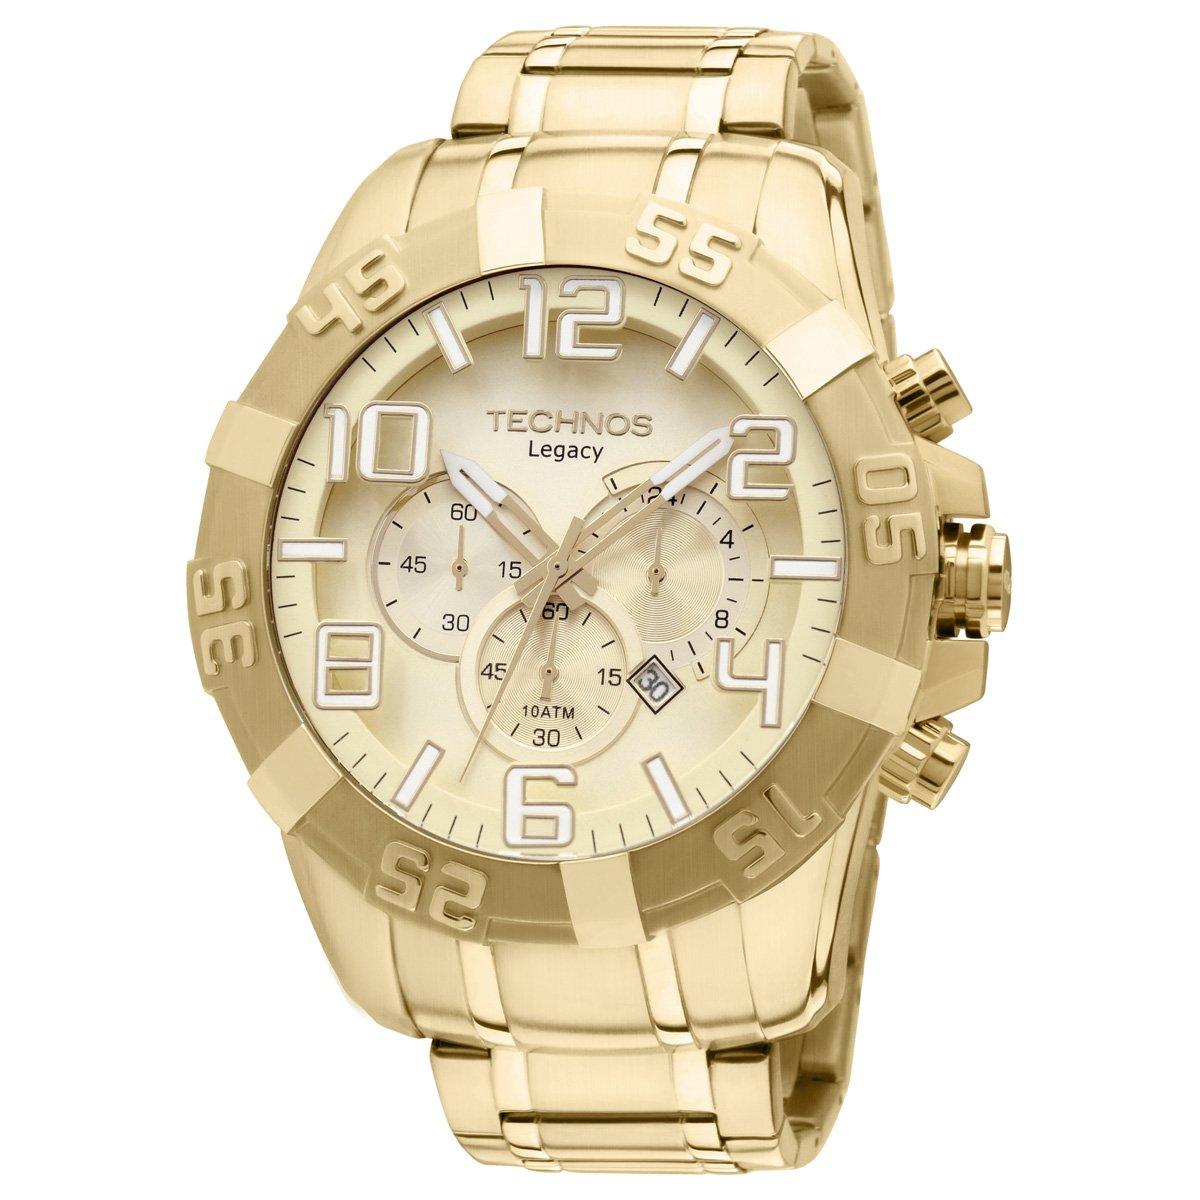 5ceac9fe747 Relógios Technos com os melhores preços